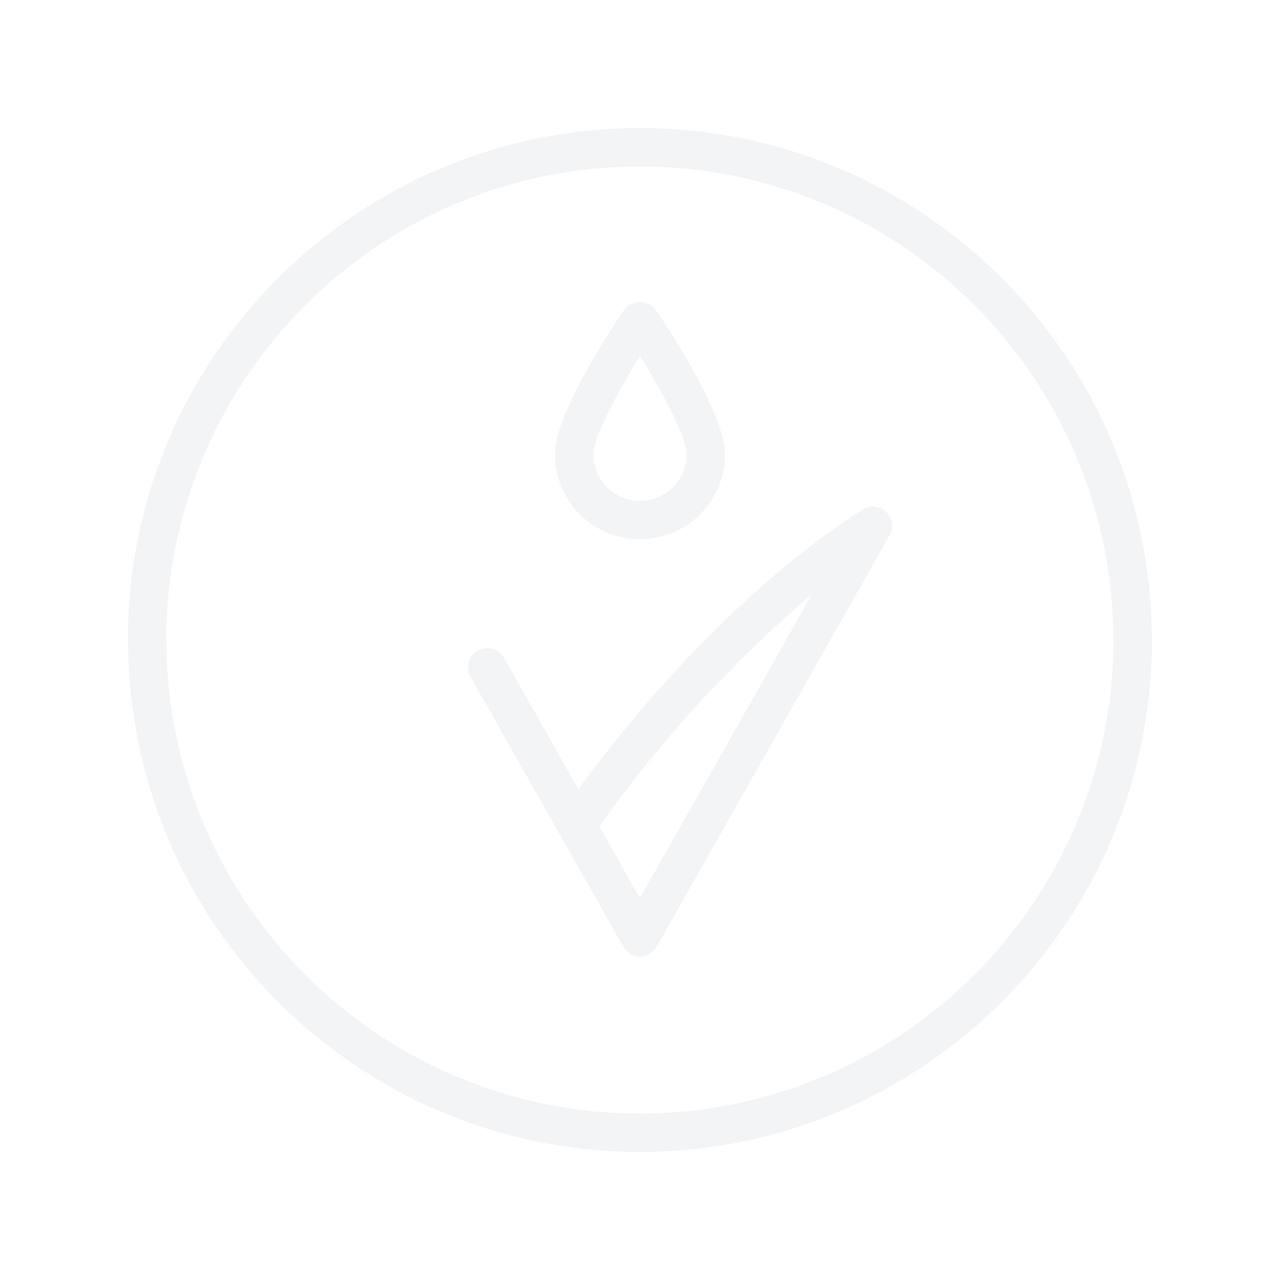 HOLIKA HOLIKA V-Line Lifting Mesh Mask 12g